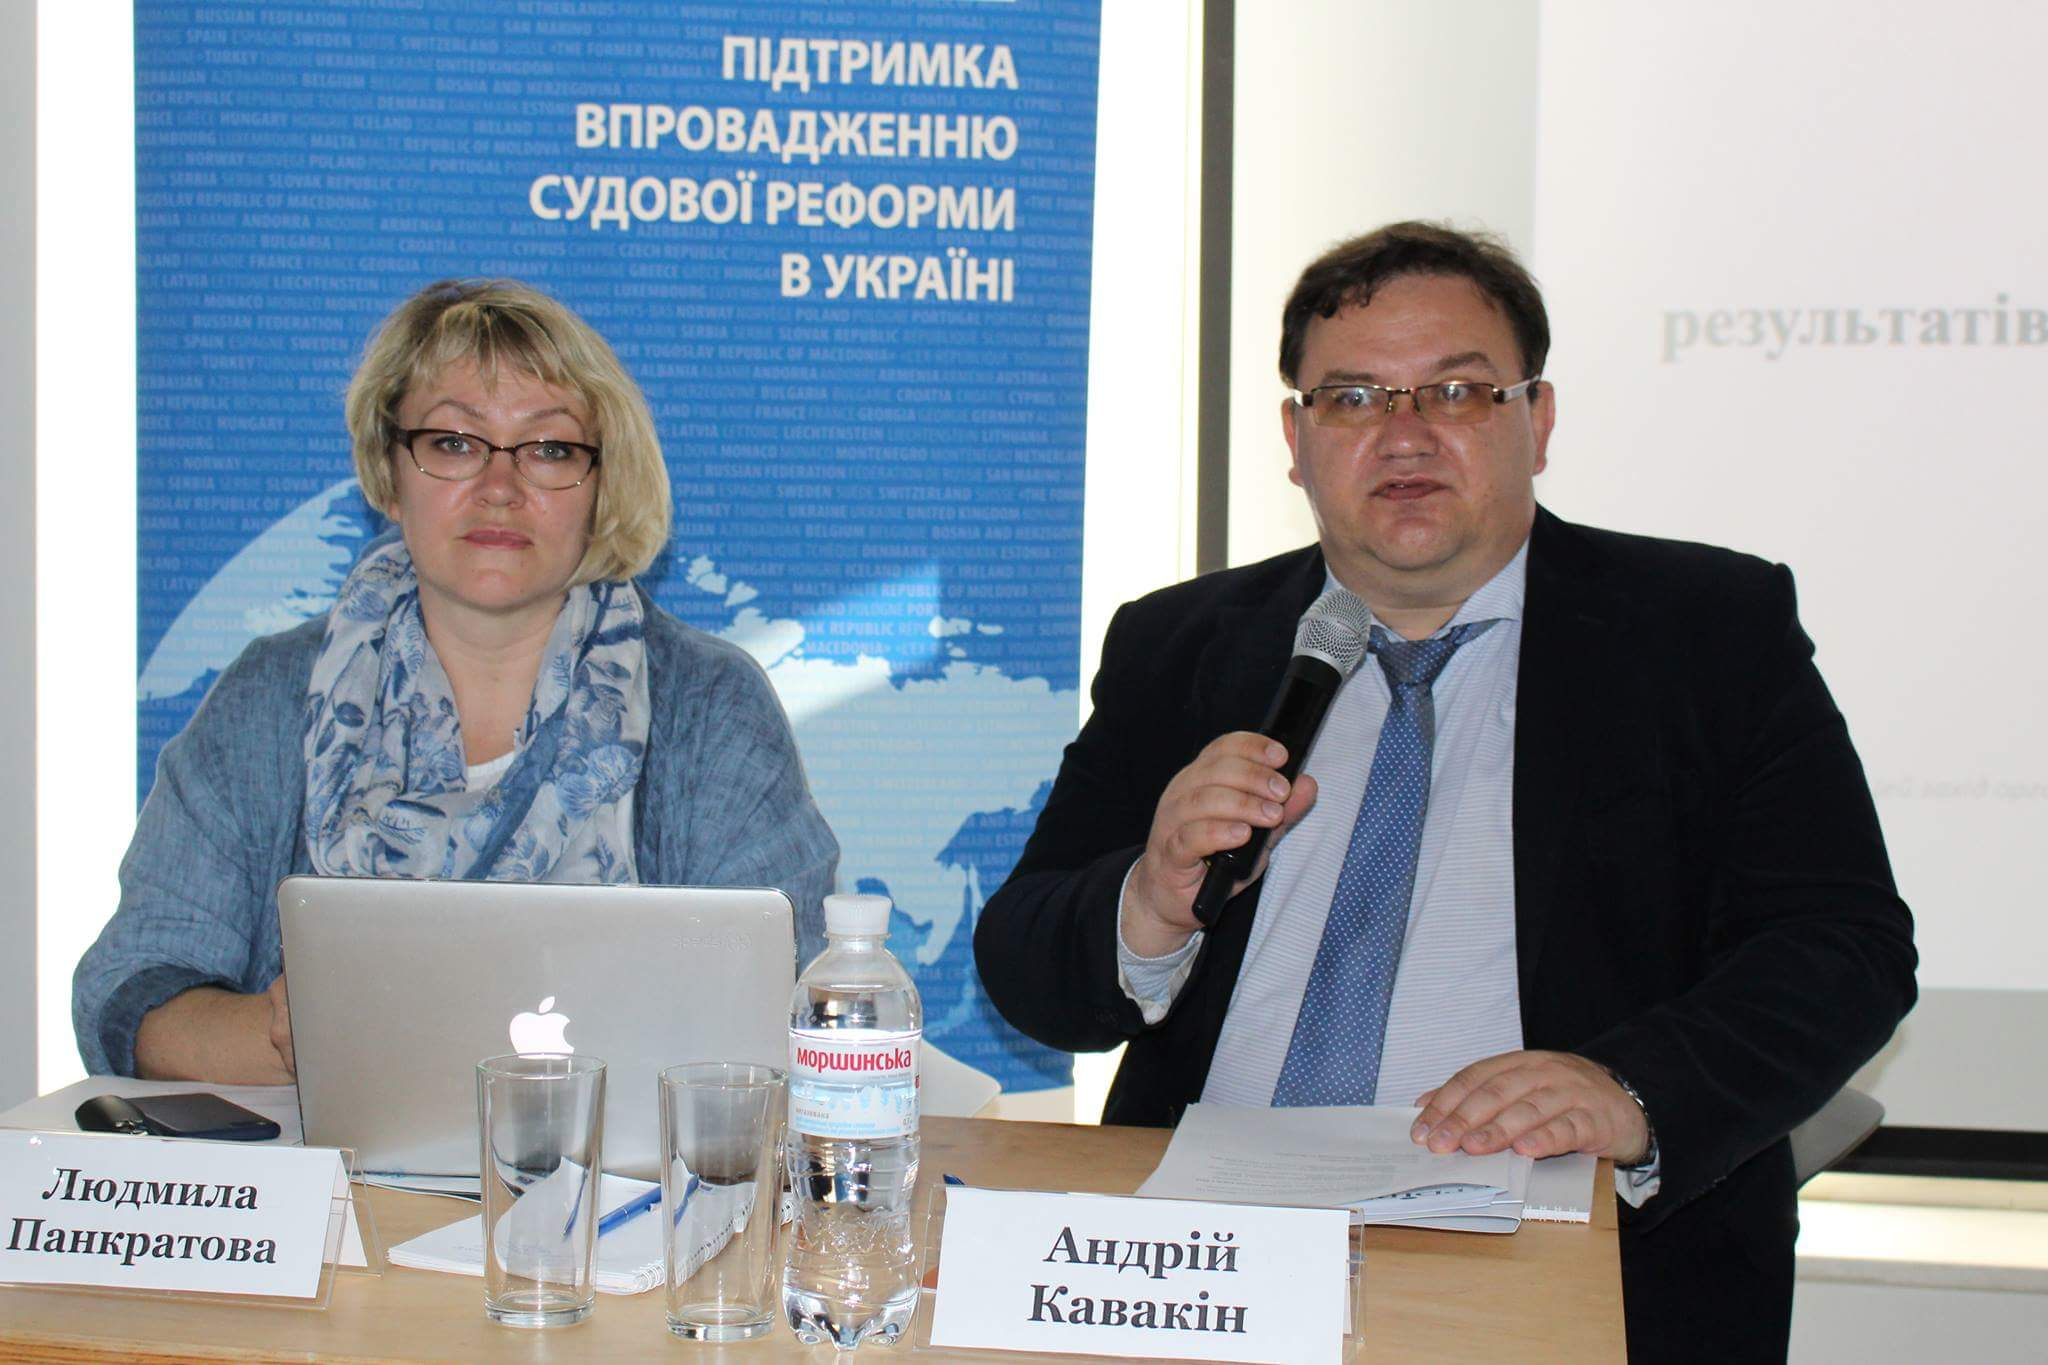 Апеляційний суд міста Києва посів почесне друге місце у рейтингу відкритості веб-сайтів органів судової влади